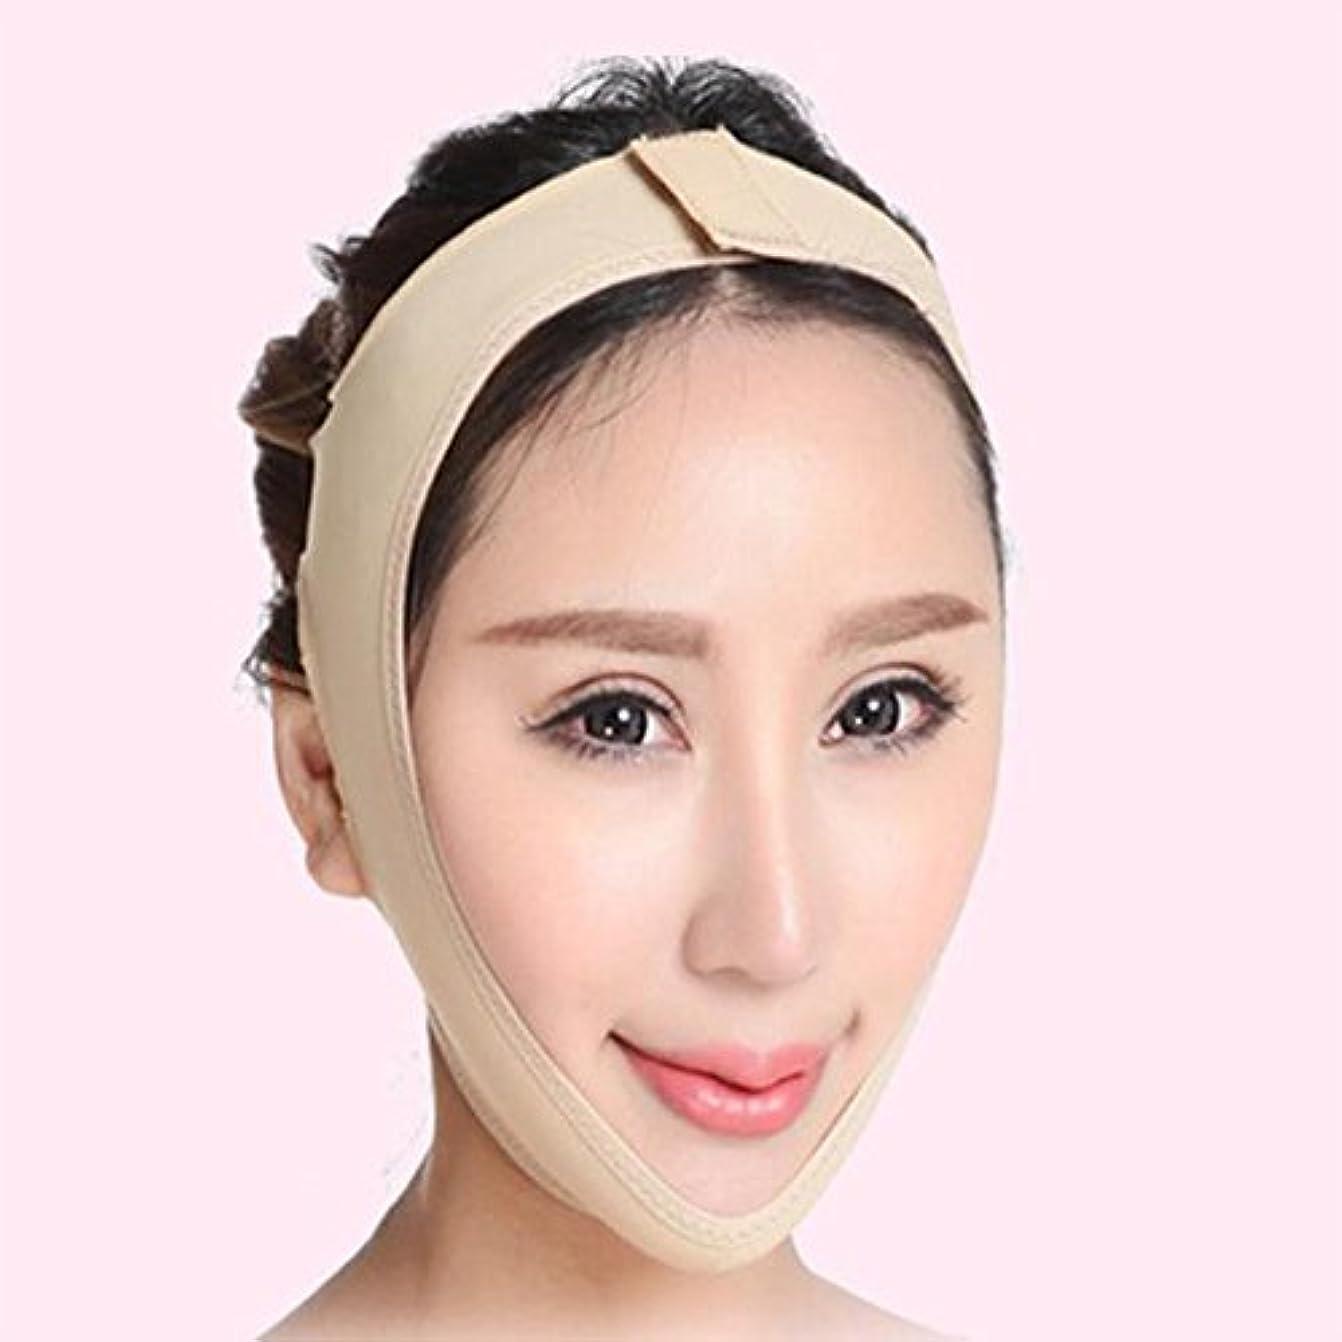 ベッド避ける発表SD 小顔 小顔マスク リフトアップ マスク フェイスライン 矯正 あご シャープ メンズ レディース Mサイズ AZD15003-M